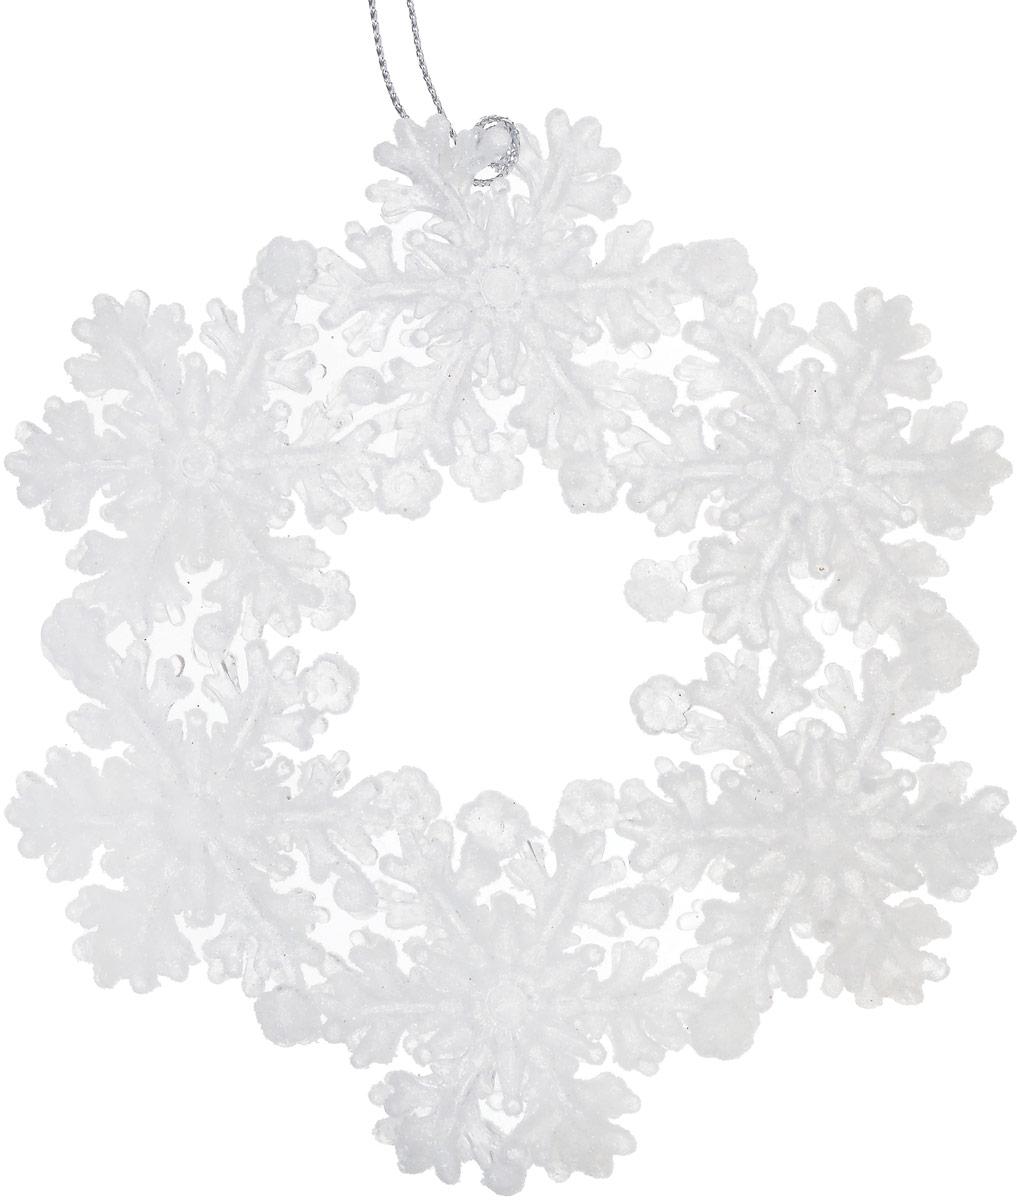 Новогоднее подвесное украшение Magic Time Венок, цвет: белый, диаметр 12,7 см35060Новогоднее подвесноеукрашение Magic Time Венок отлично подойдет для декорации новогодней ели. Игрушка изготовлена из полистирола и украшена блестками.Создайте в своем доме атмосферу веселья и радости, украшая всей семьей новогоднюю елку нарядными игрушками, которые будут из года в год накапливать теплоту воспоминаний.Размеры украшения: 12,7 х 12,7 х 1 см.